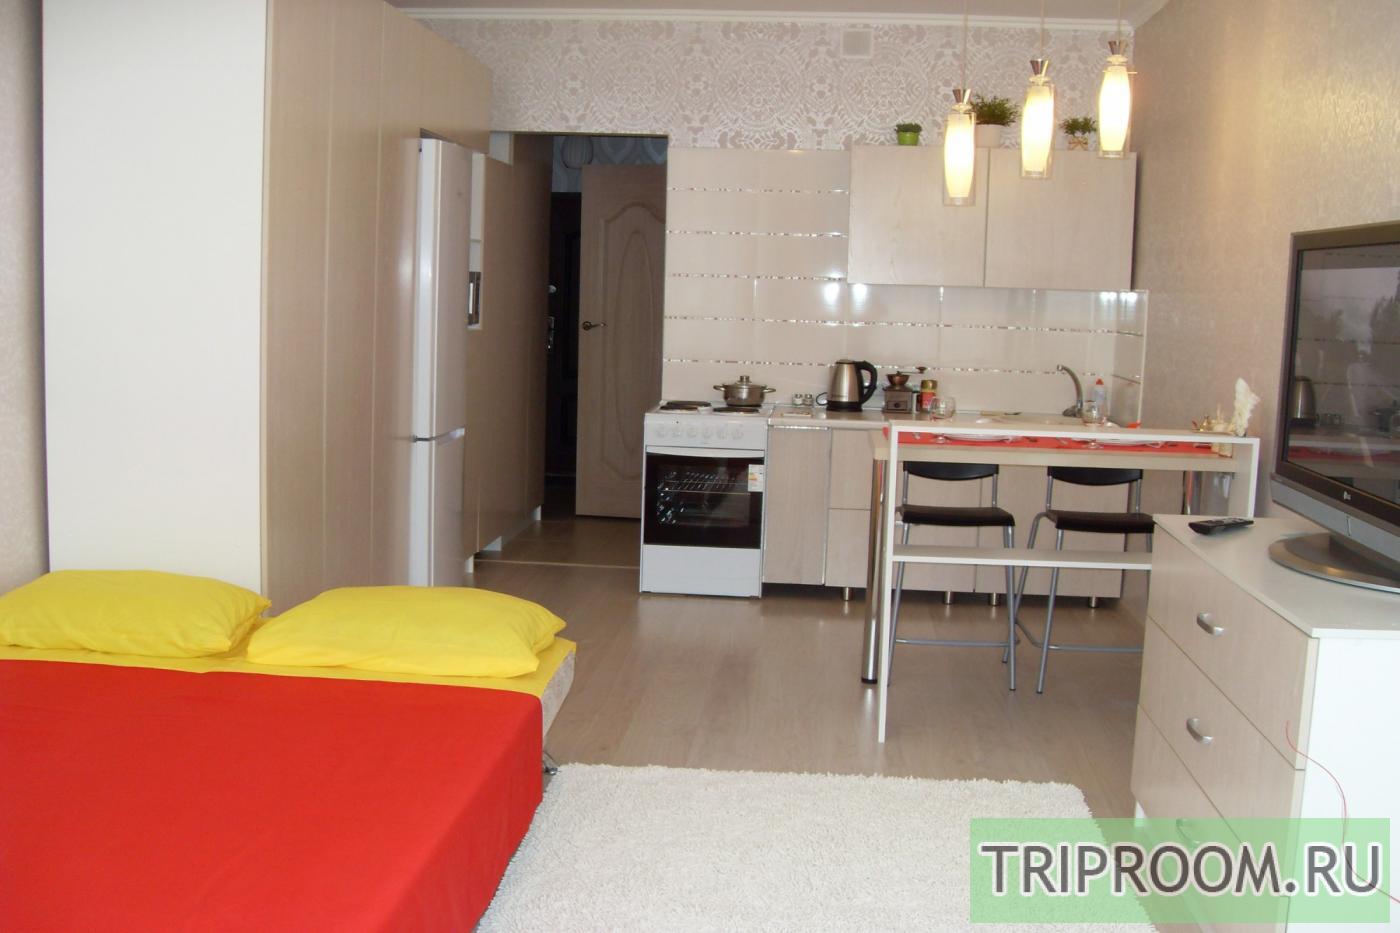 1-комнатная квартира посуточно (вариант № 28156), ул. Алтайская улица, фото № 4